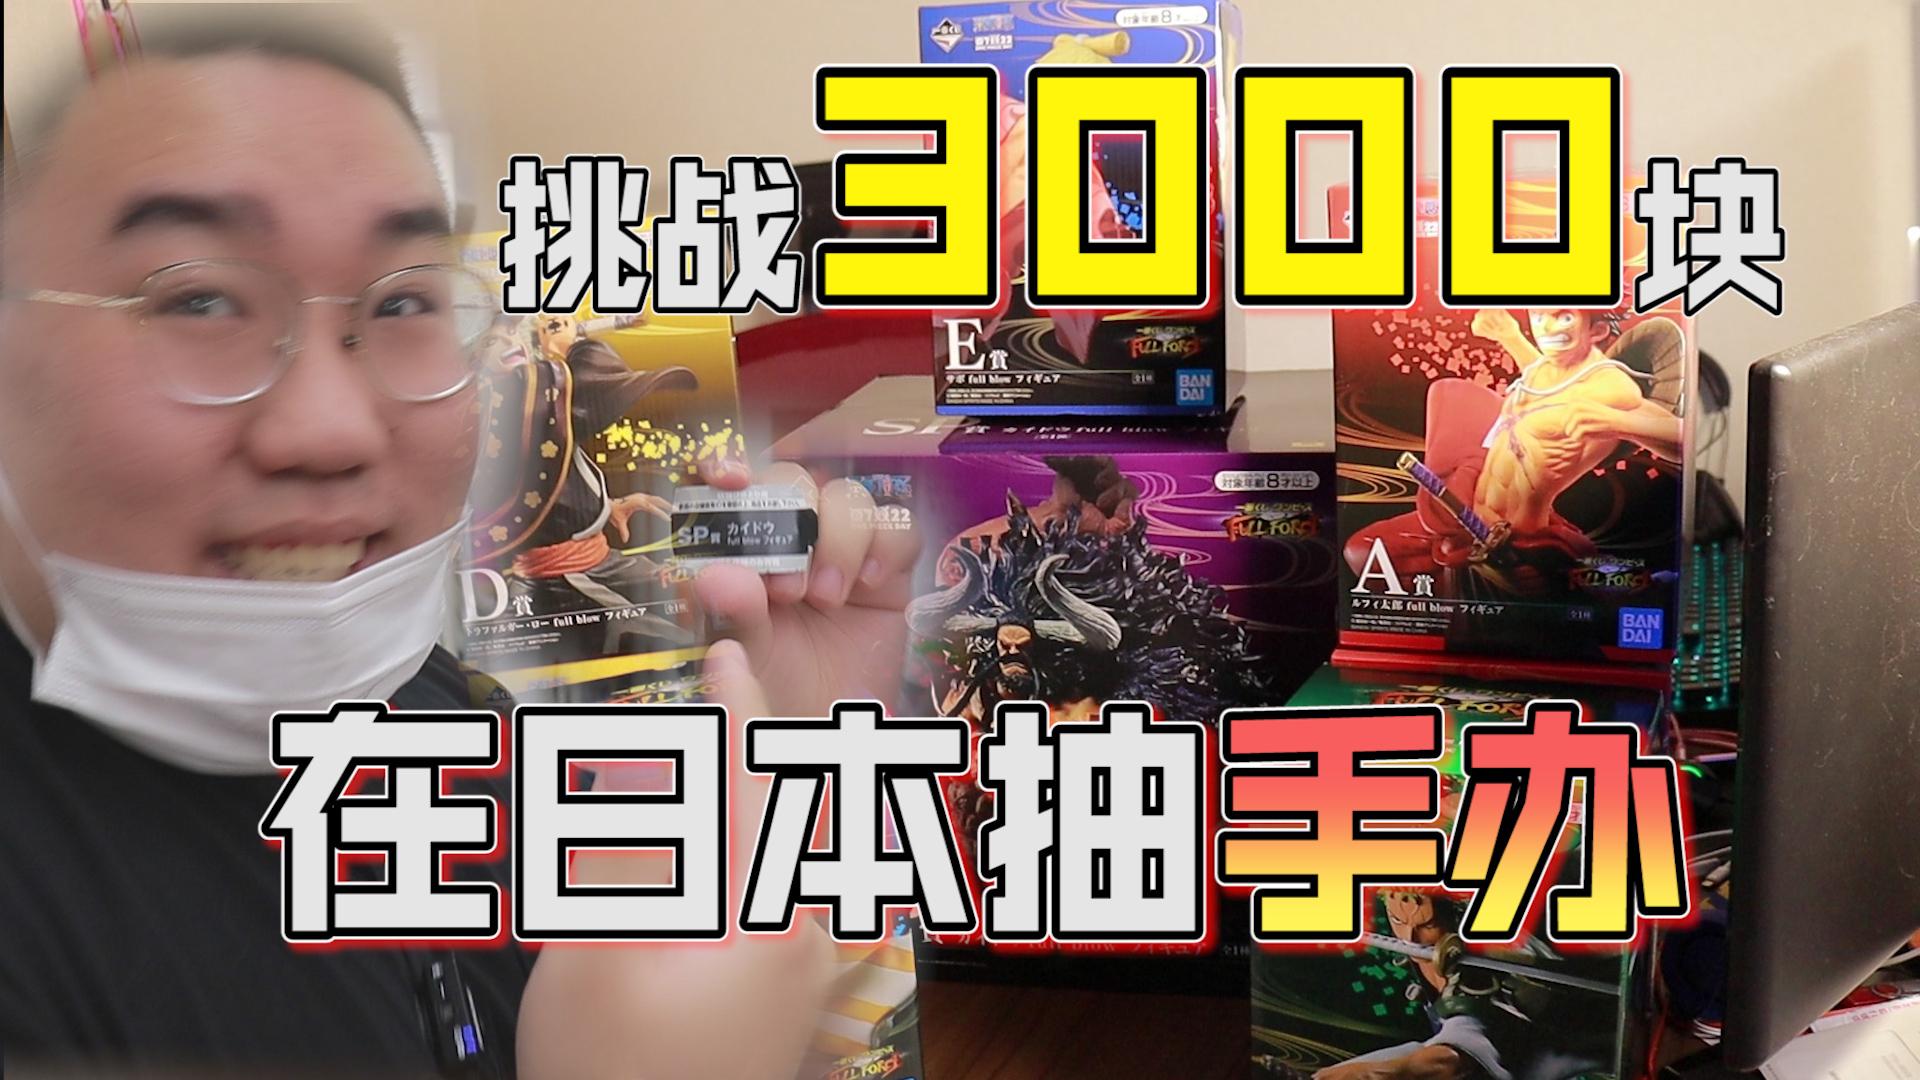 胖小伙在日本抽奖不停手!只为中大奖,店员人看傻了!